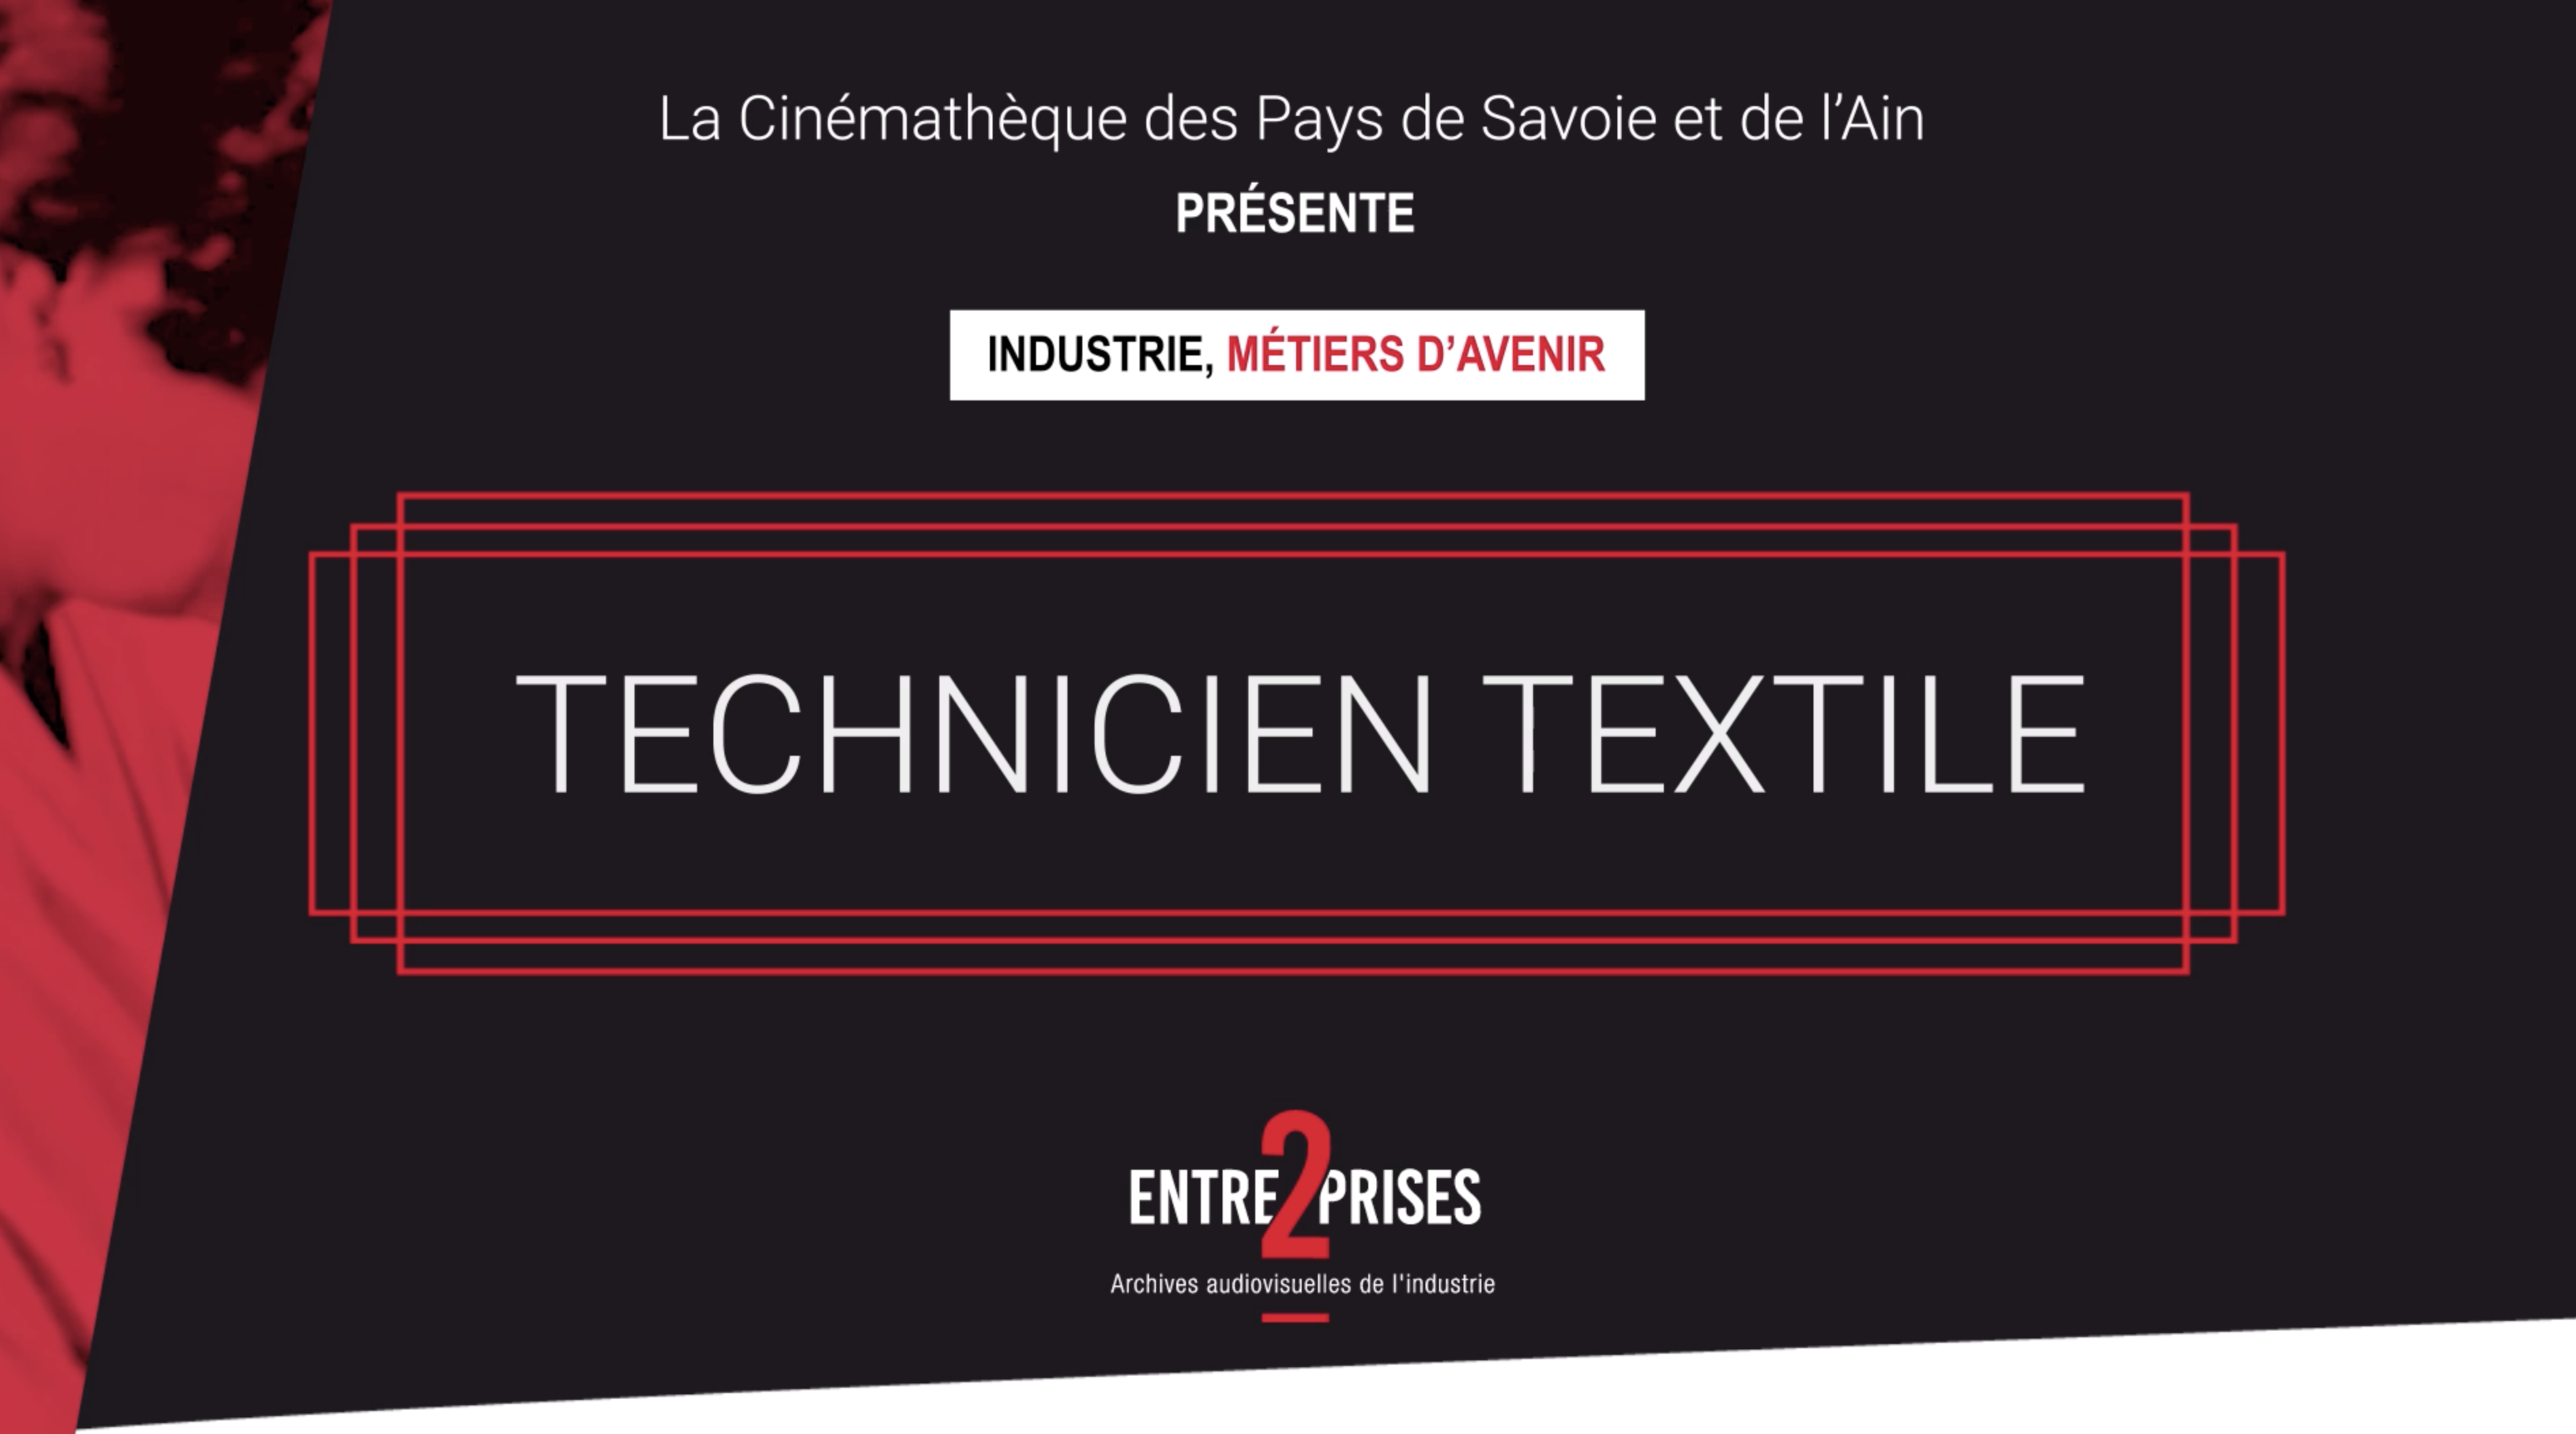 Technicien textile